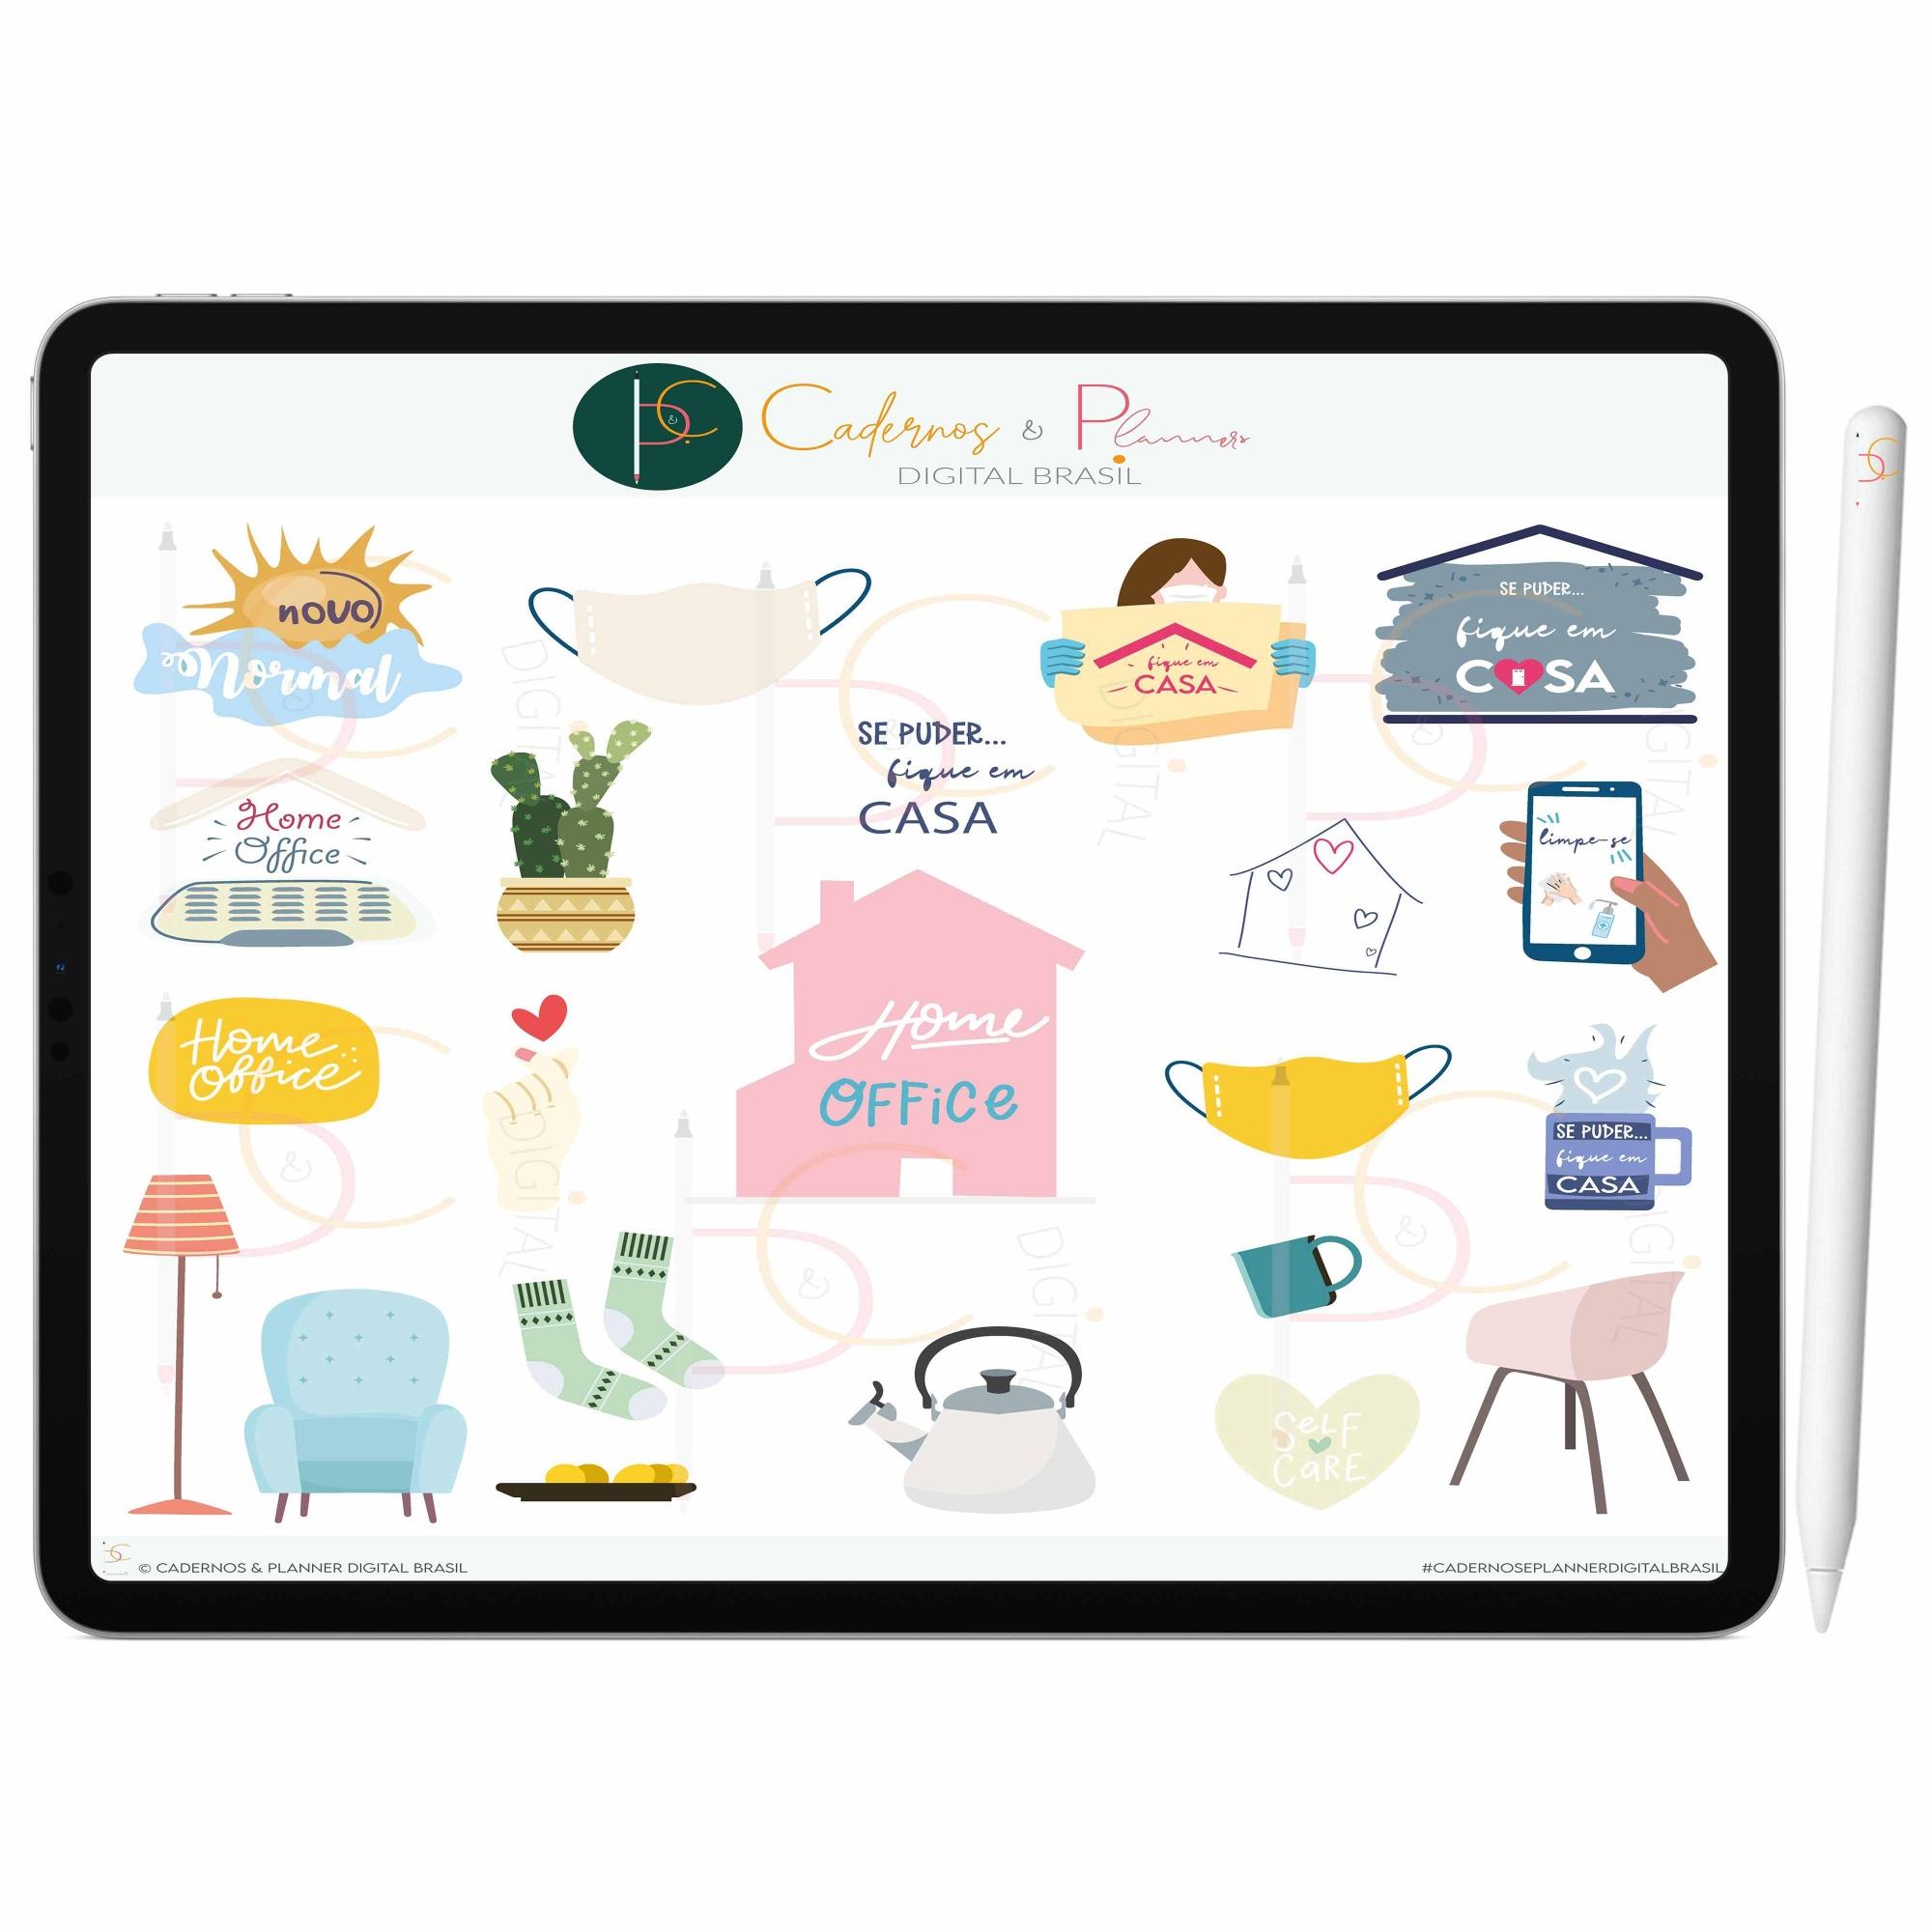 Adesivos Digital Fique Em Casa ' Proteja-se | Planner Digital, Caderno Digital | iPad ' Tablet | GoodNotes ' Noteshelf ' Notability